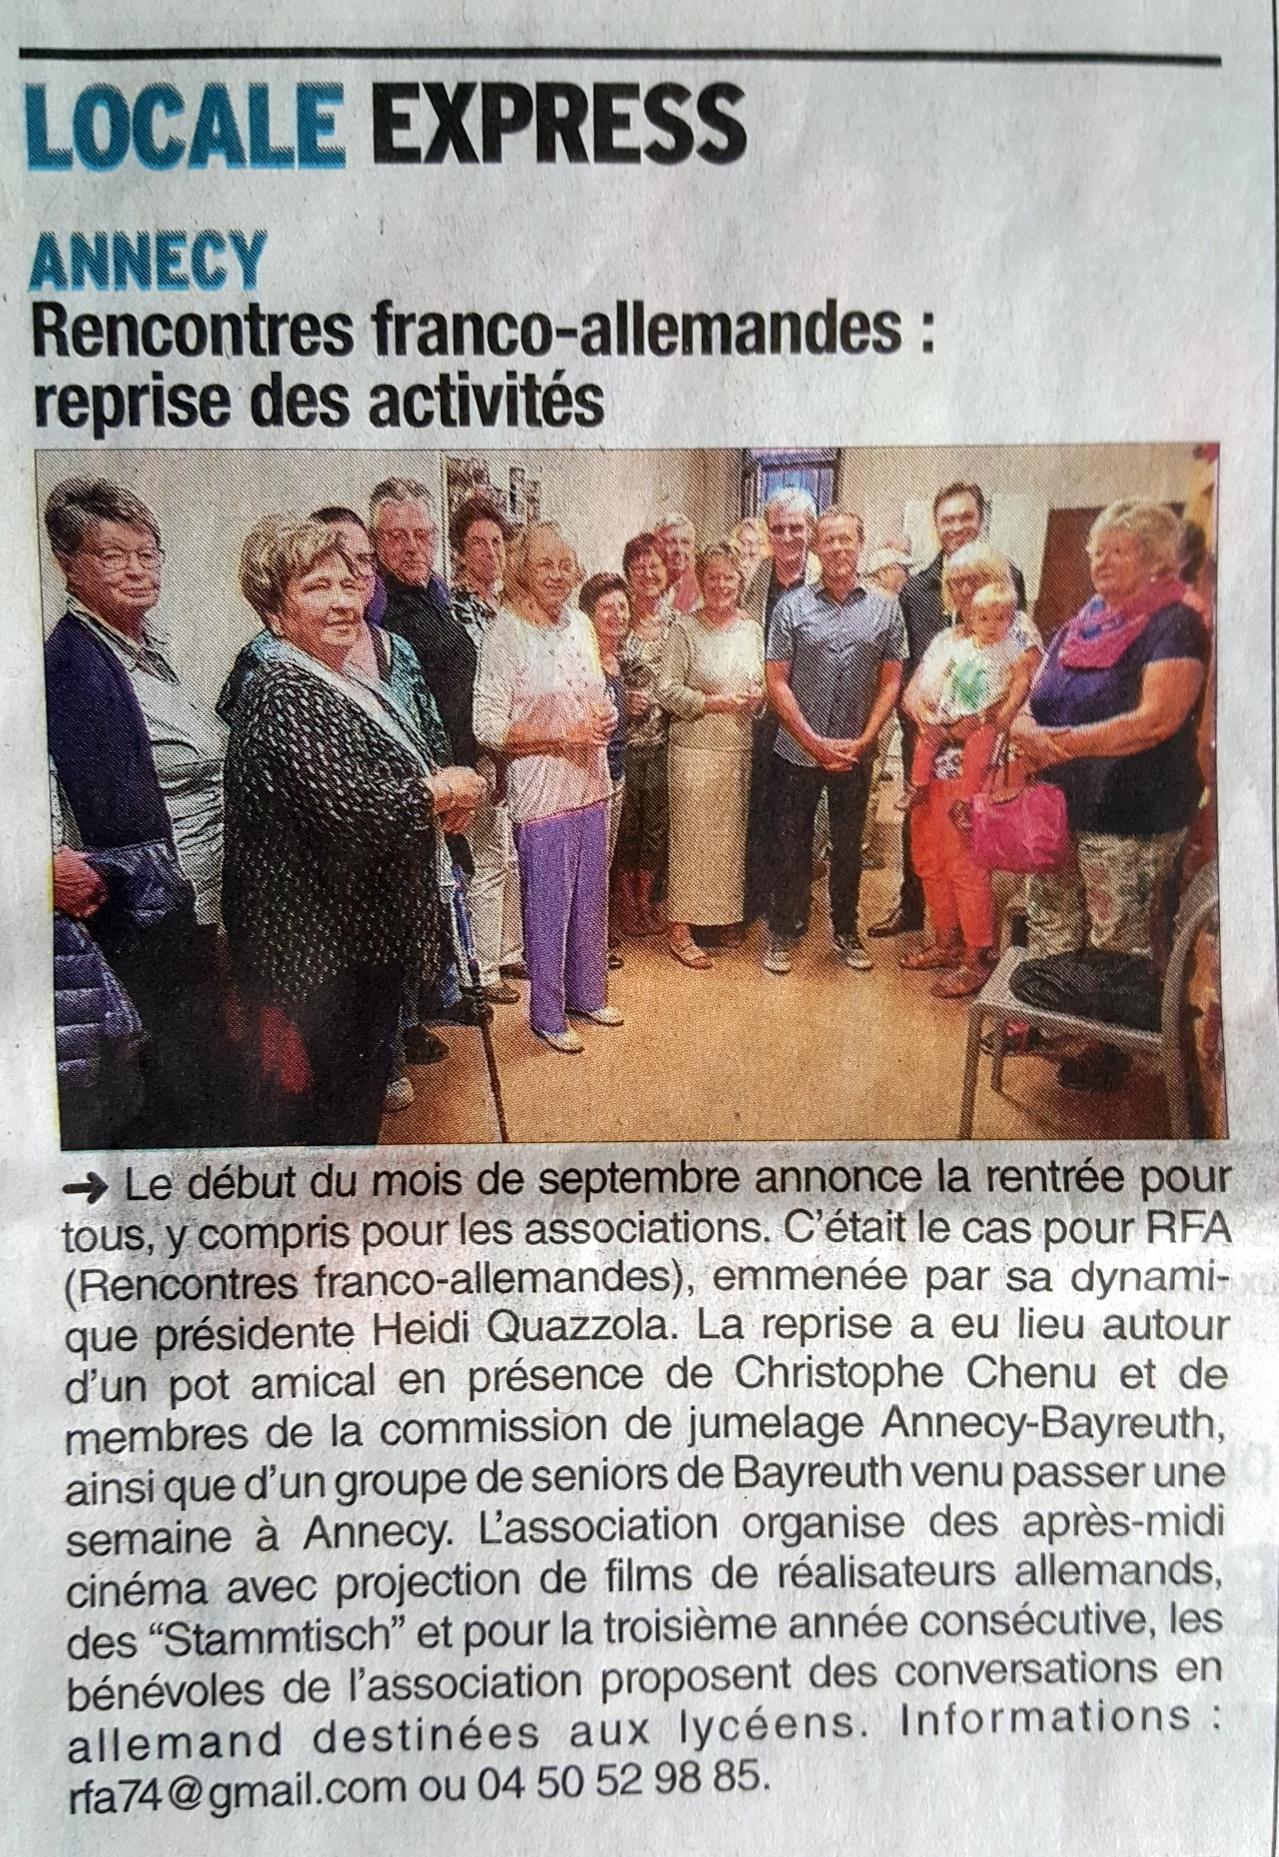 rencontre franco allemande annecy site de rencontre amoureuse a libreville